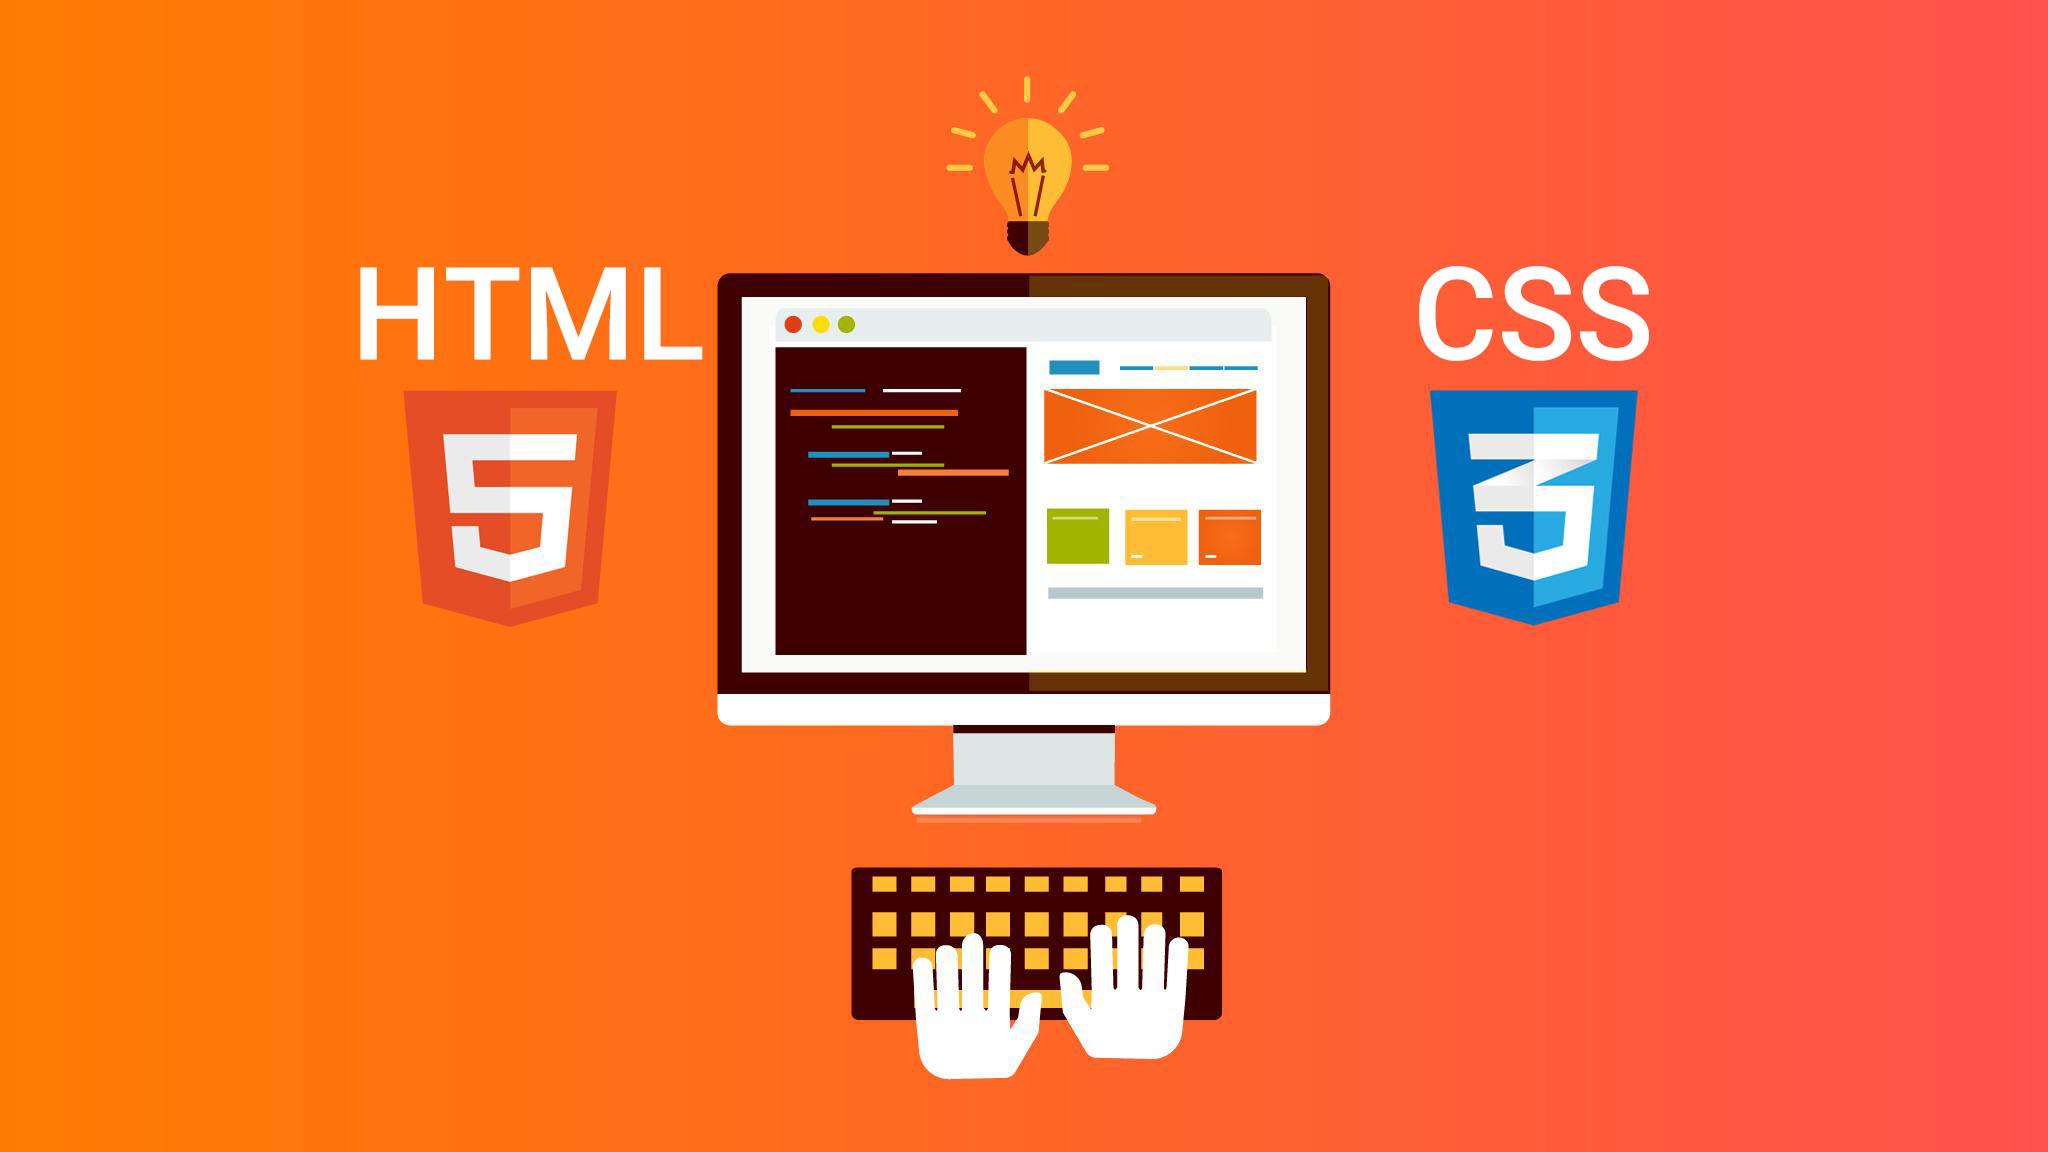 تعریف ساده html 5  و css 3